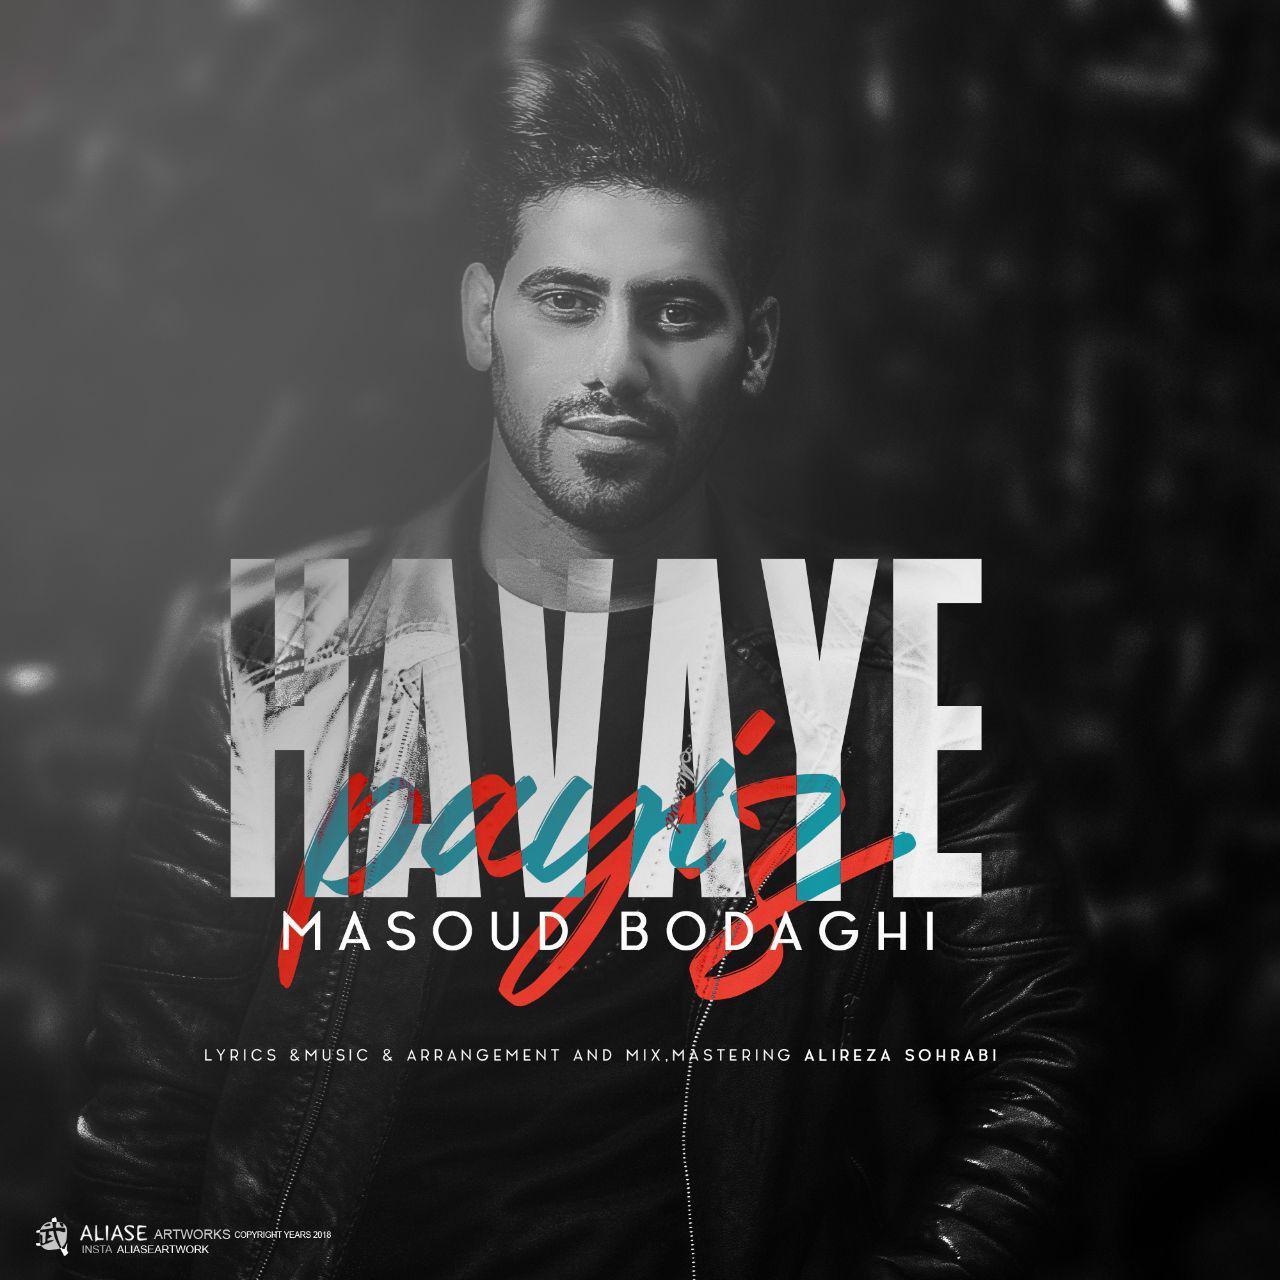 Masoud Bodaghi – Havaye Paeiz